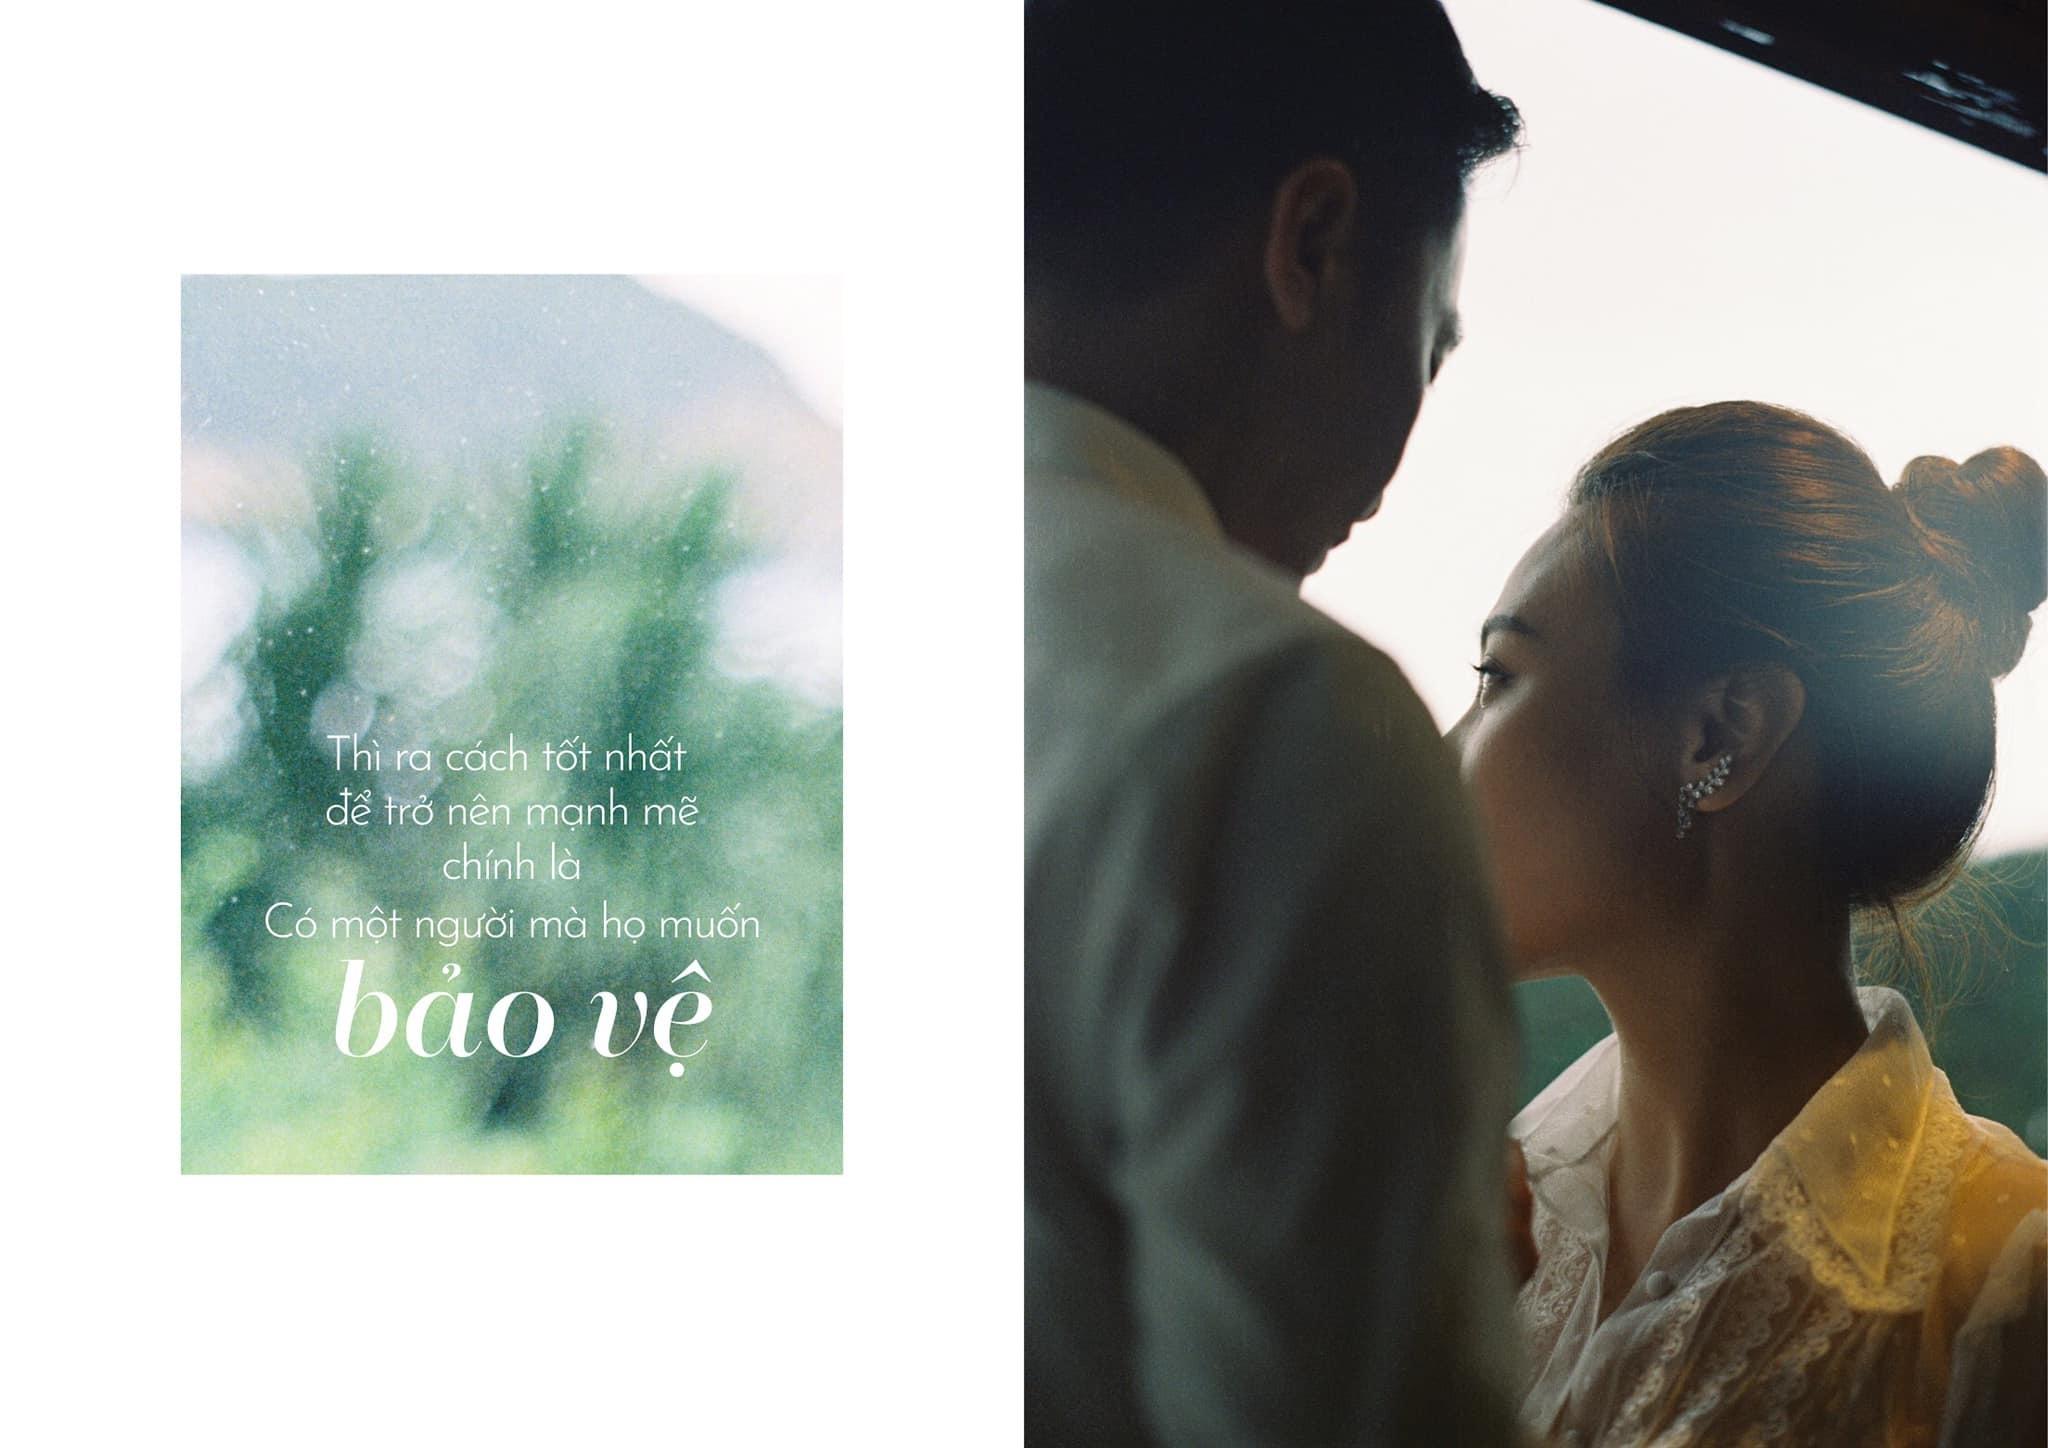 'Ngôn tình' Cường Đô La viết cho vợ mới trước ngày cưới